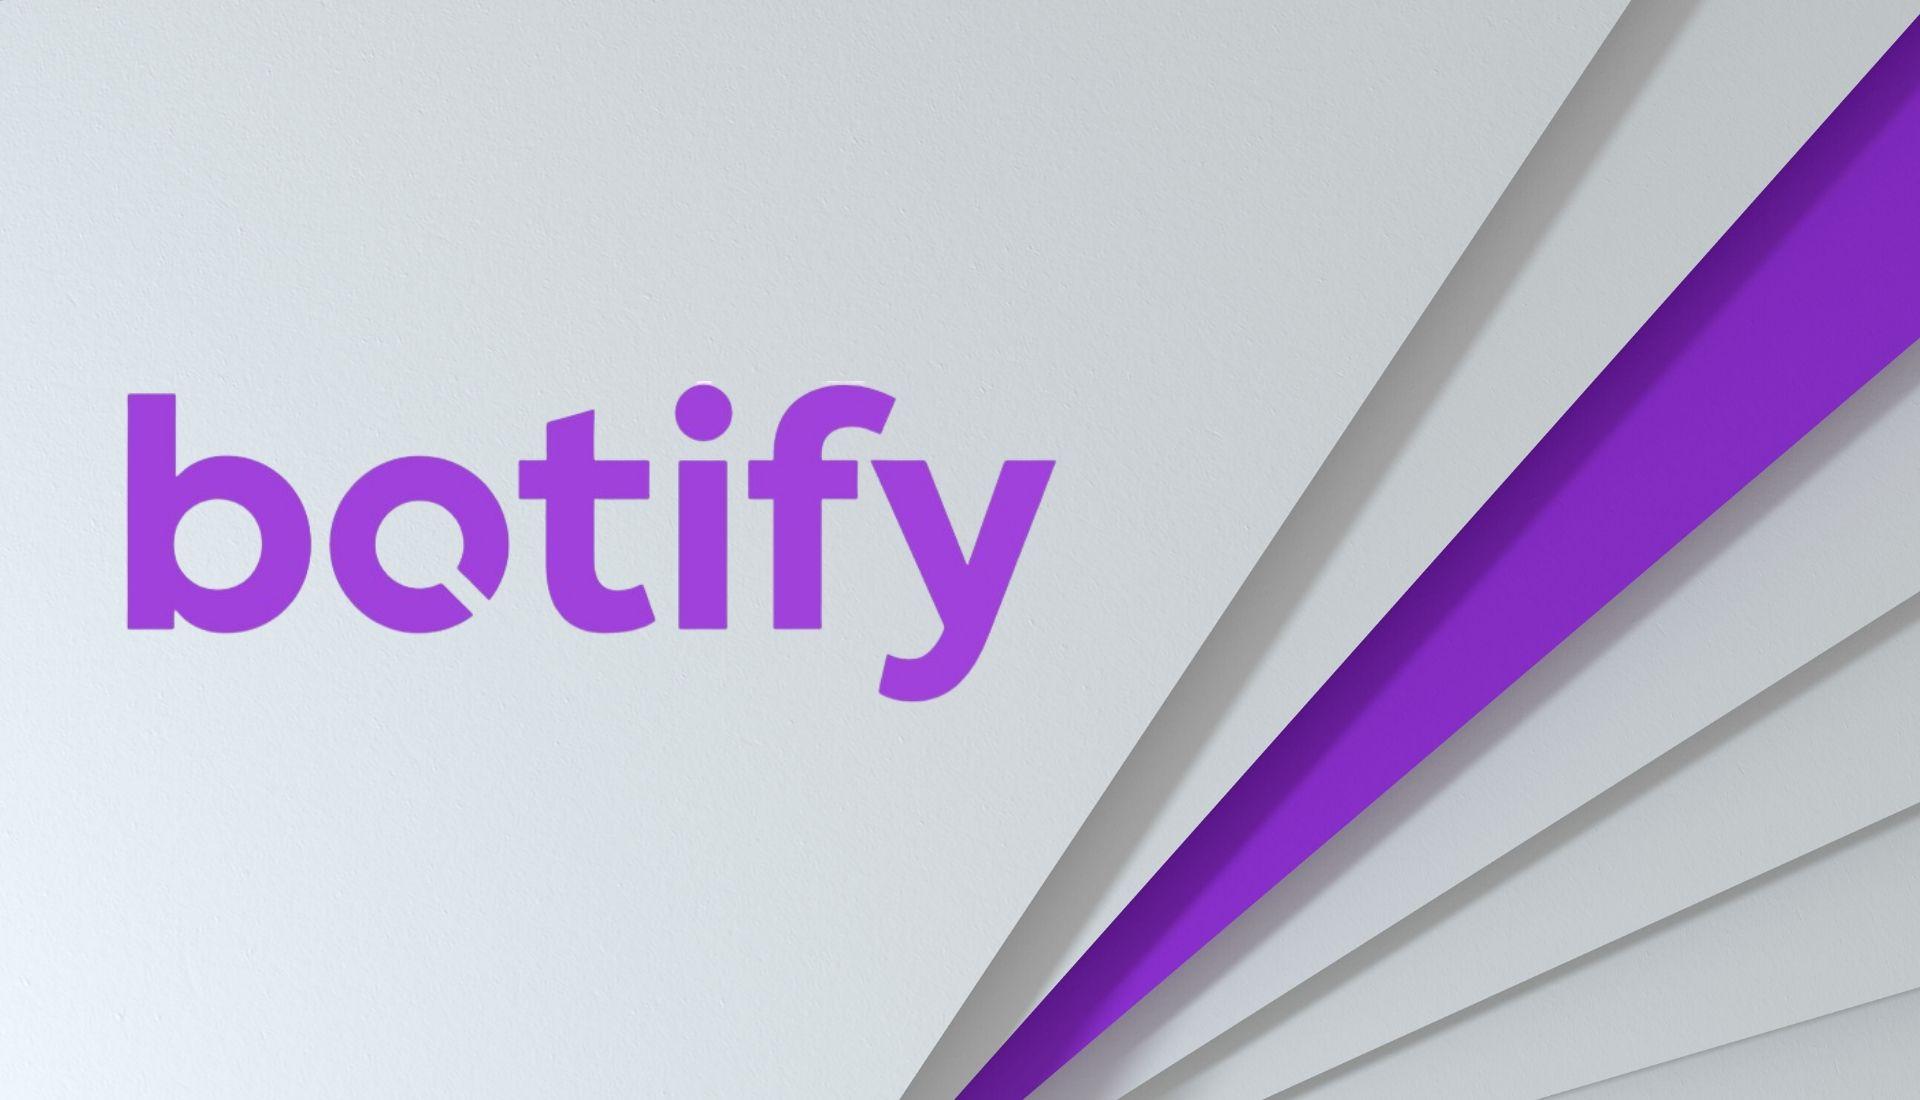 Botify rebrand